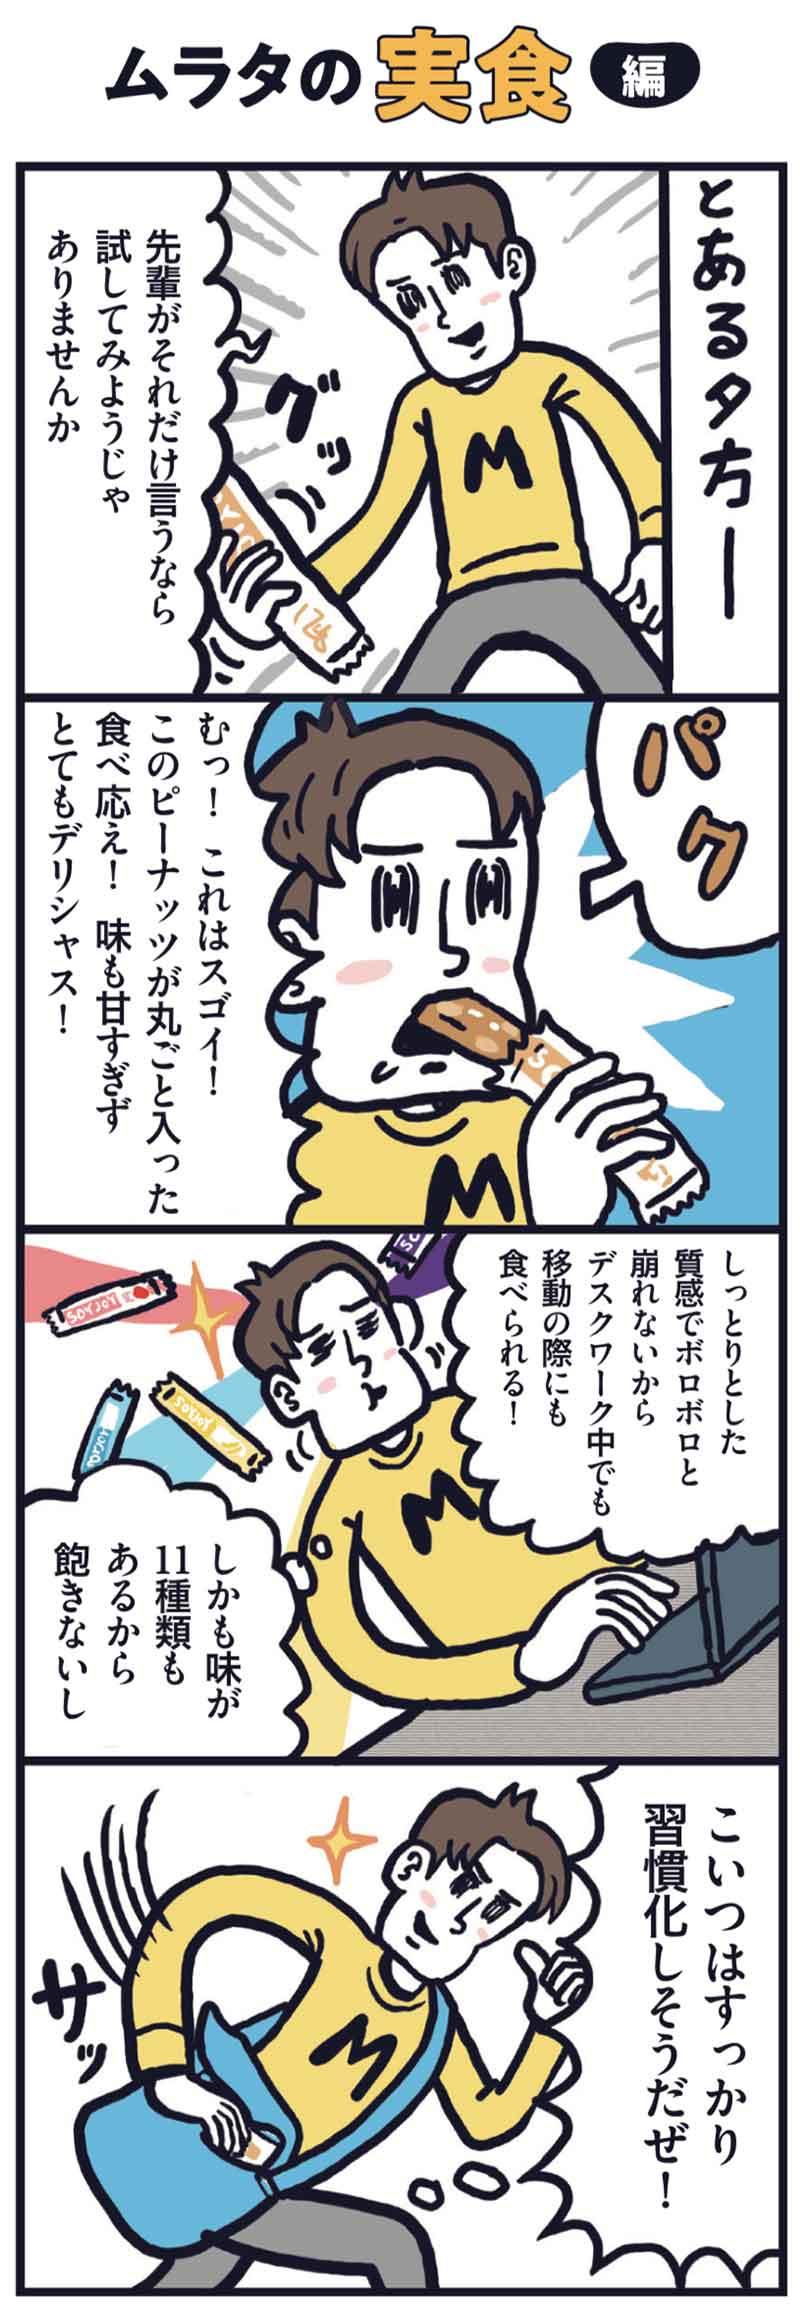 マンガ「ムラタの実食編」